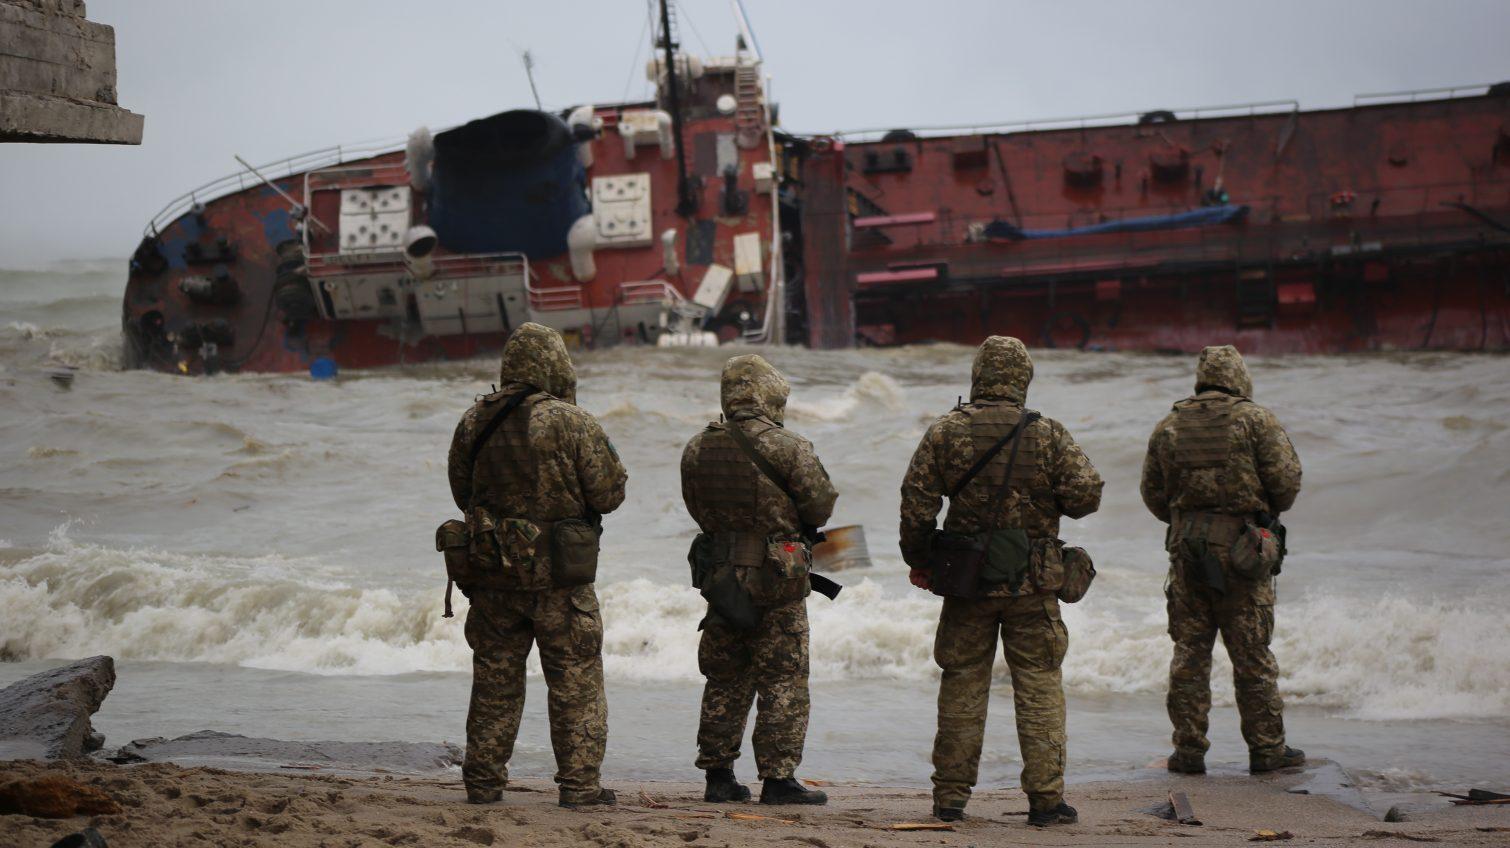 В Одессе просят признать ситуацию с танкером Delfi чрезвычайной, а также угрожающей экологии «фото»